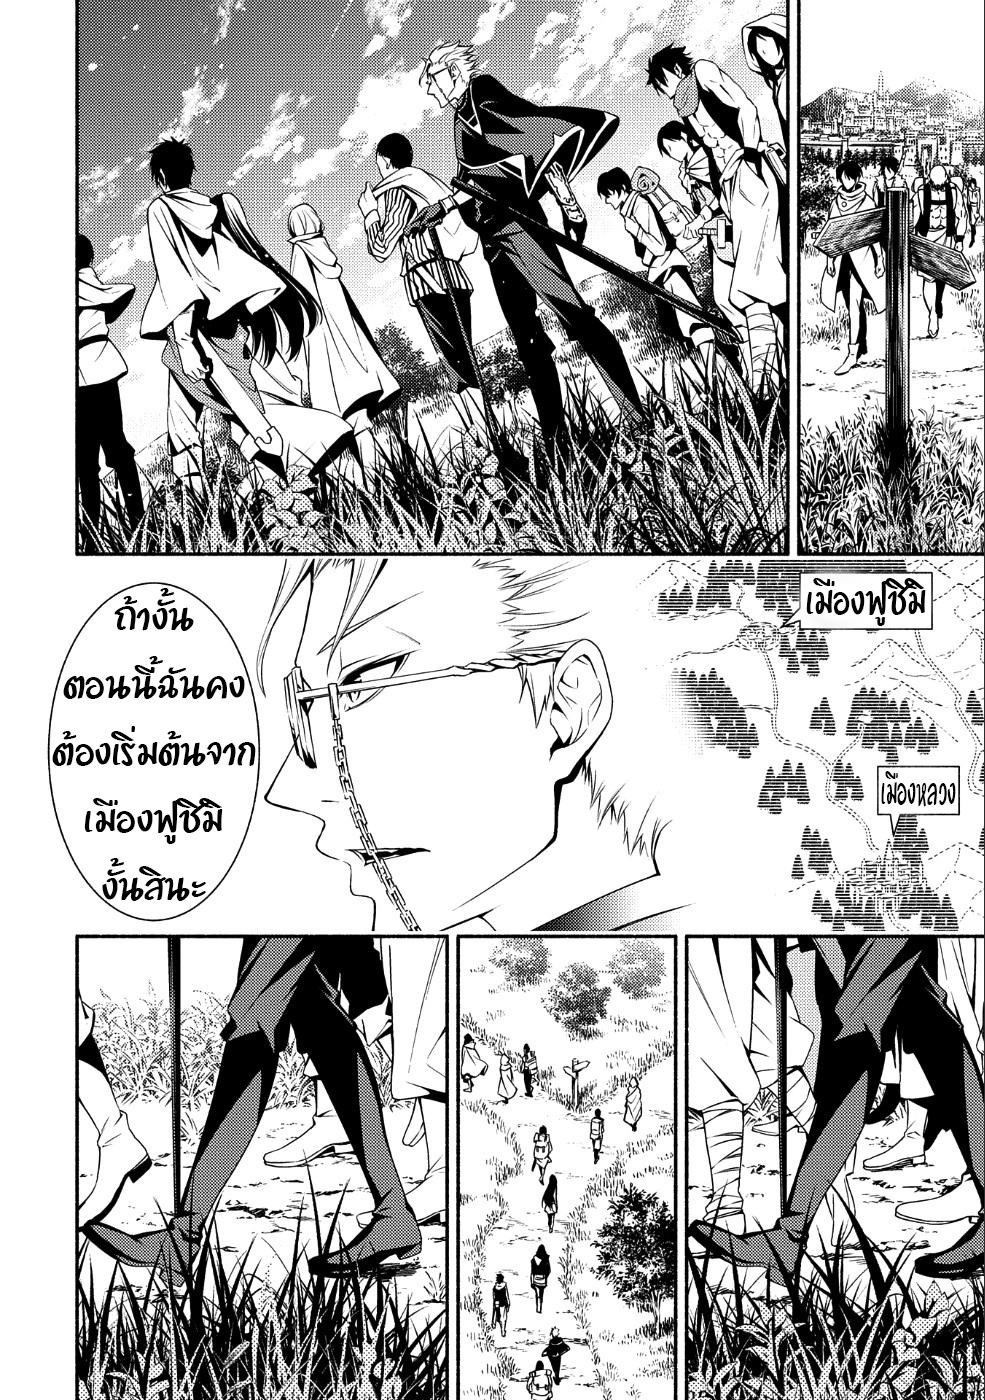 อ่านการ์ตูน Saikyou Party no Zatsuyougakari Ossan wa Muriyari Kyuuka o Tora Sareta you desu ตอนที่ 1 หน้าที่ 21